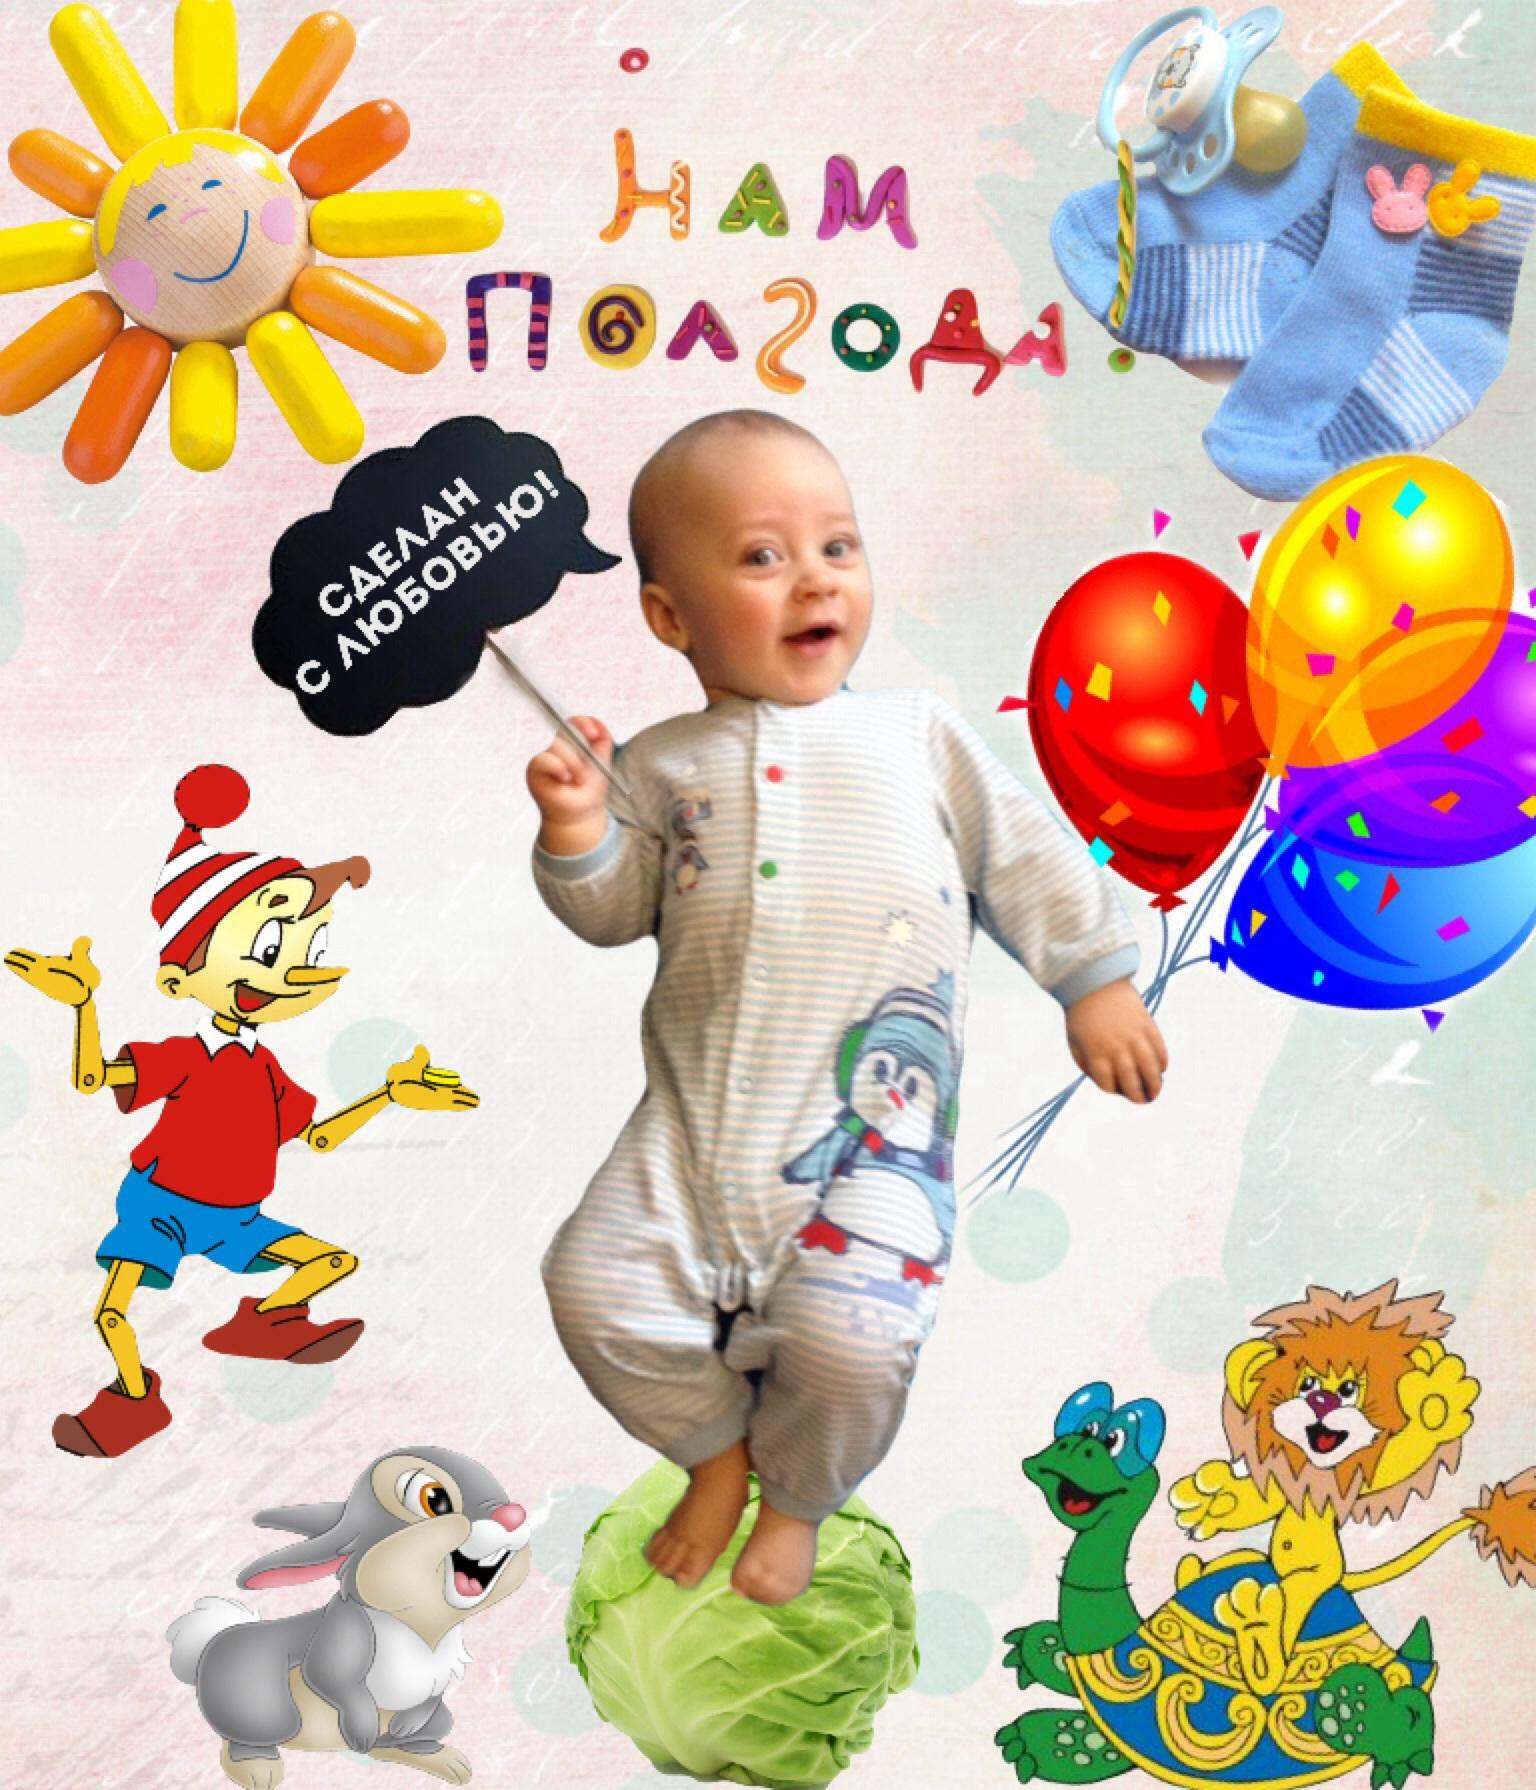 Первый день, 6 месяцев ребенку картинки мальчику